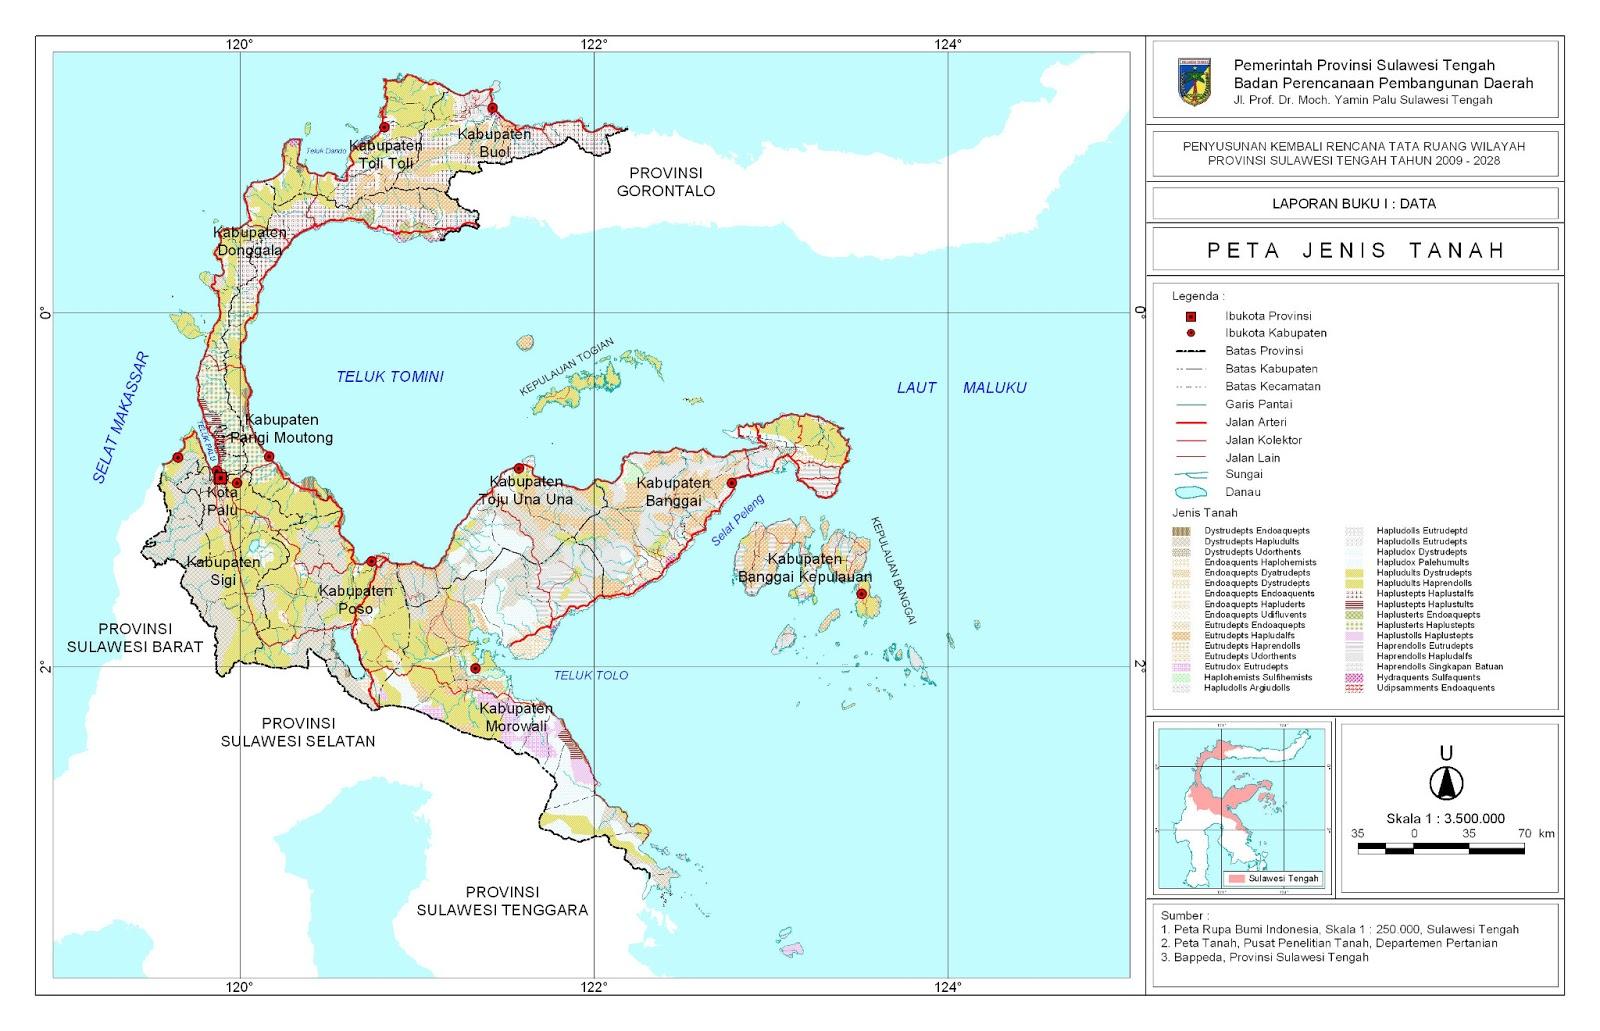 Makalah Tentang Evaluasi Lahan Icefilmsinfo Globolister Peta Jenis Tanah Sulawesi Catatan Kuliah Geografi